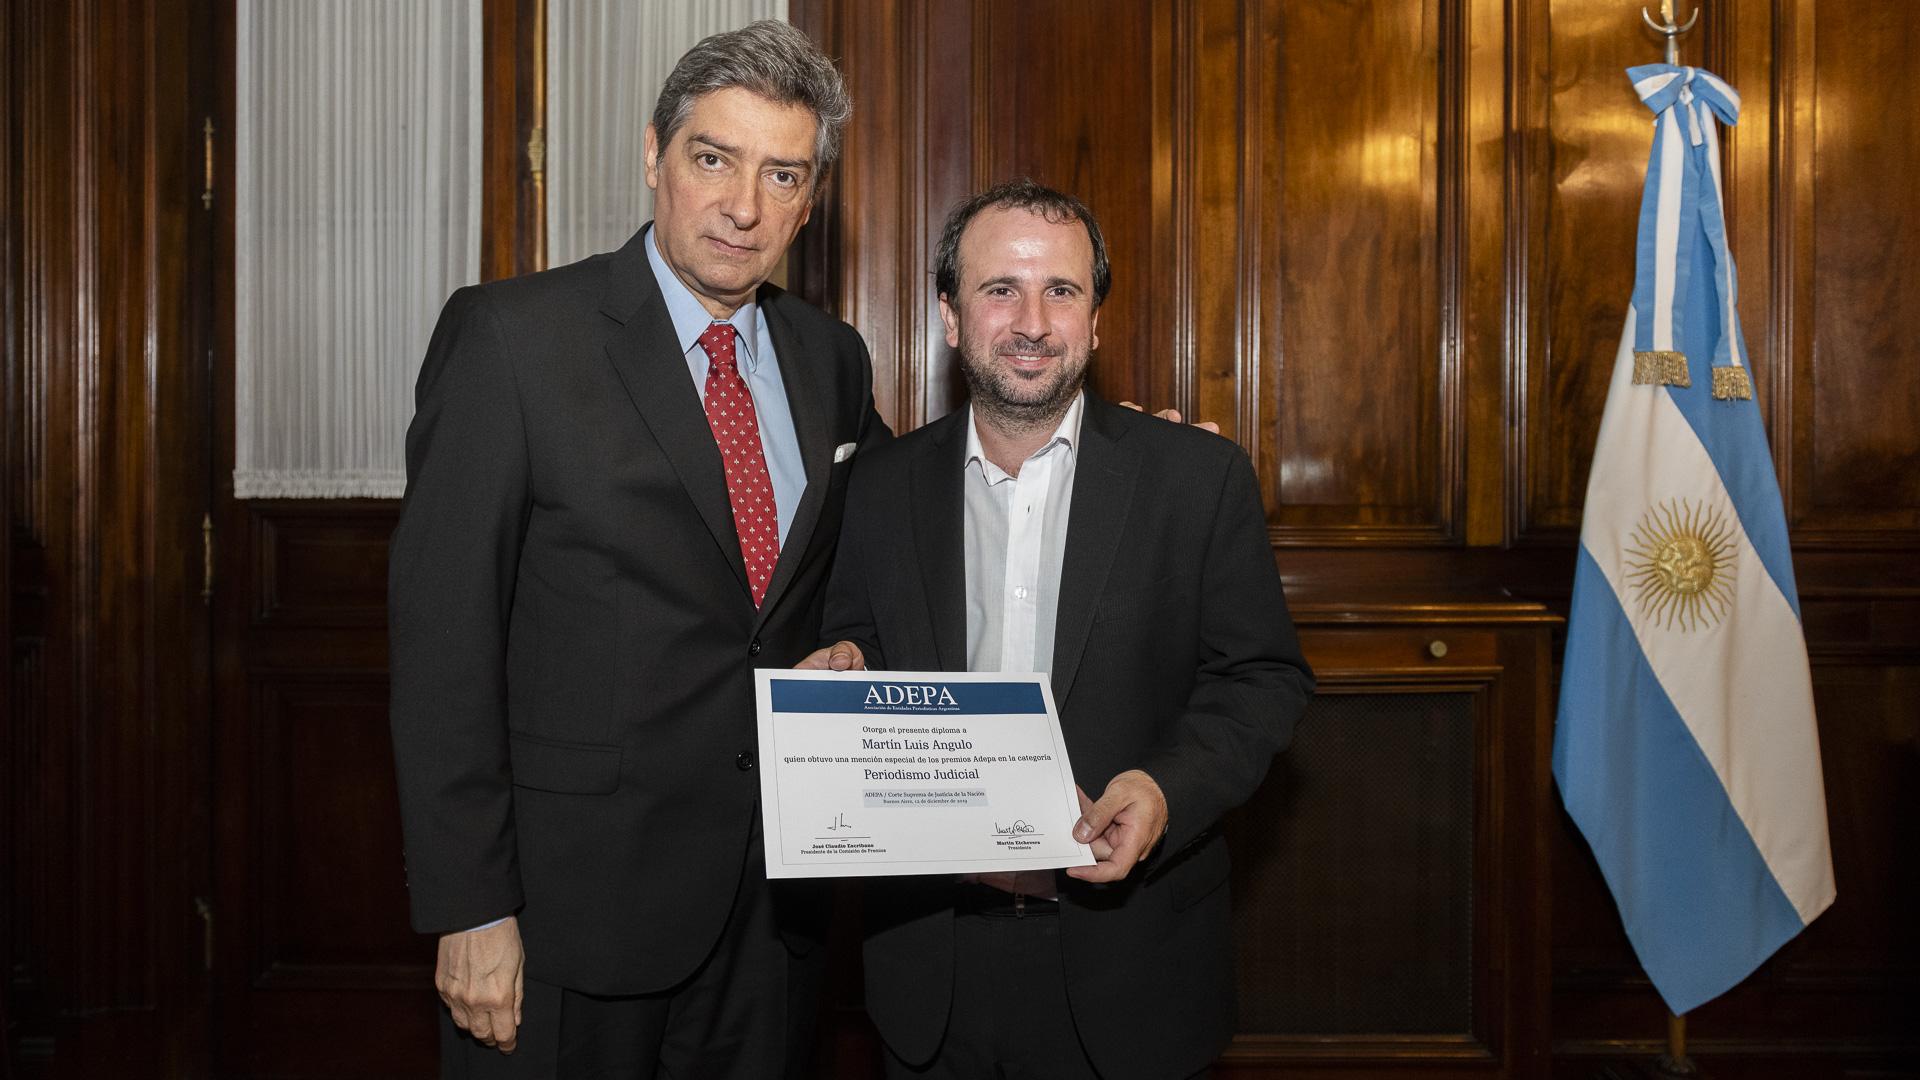 El miembro de la Corte Horacio Rosatti hizo entrega del premio al periodista de Infobae Martín Angulo